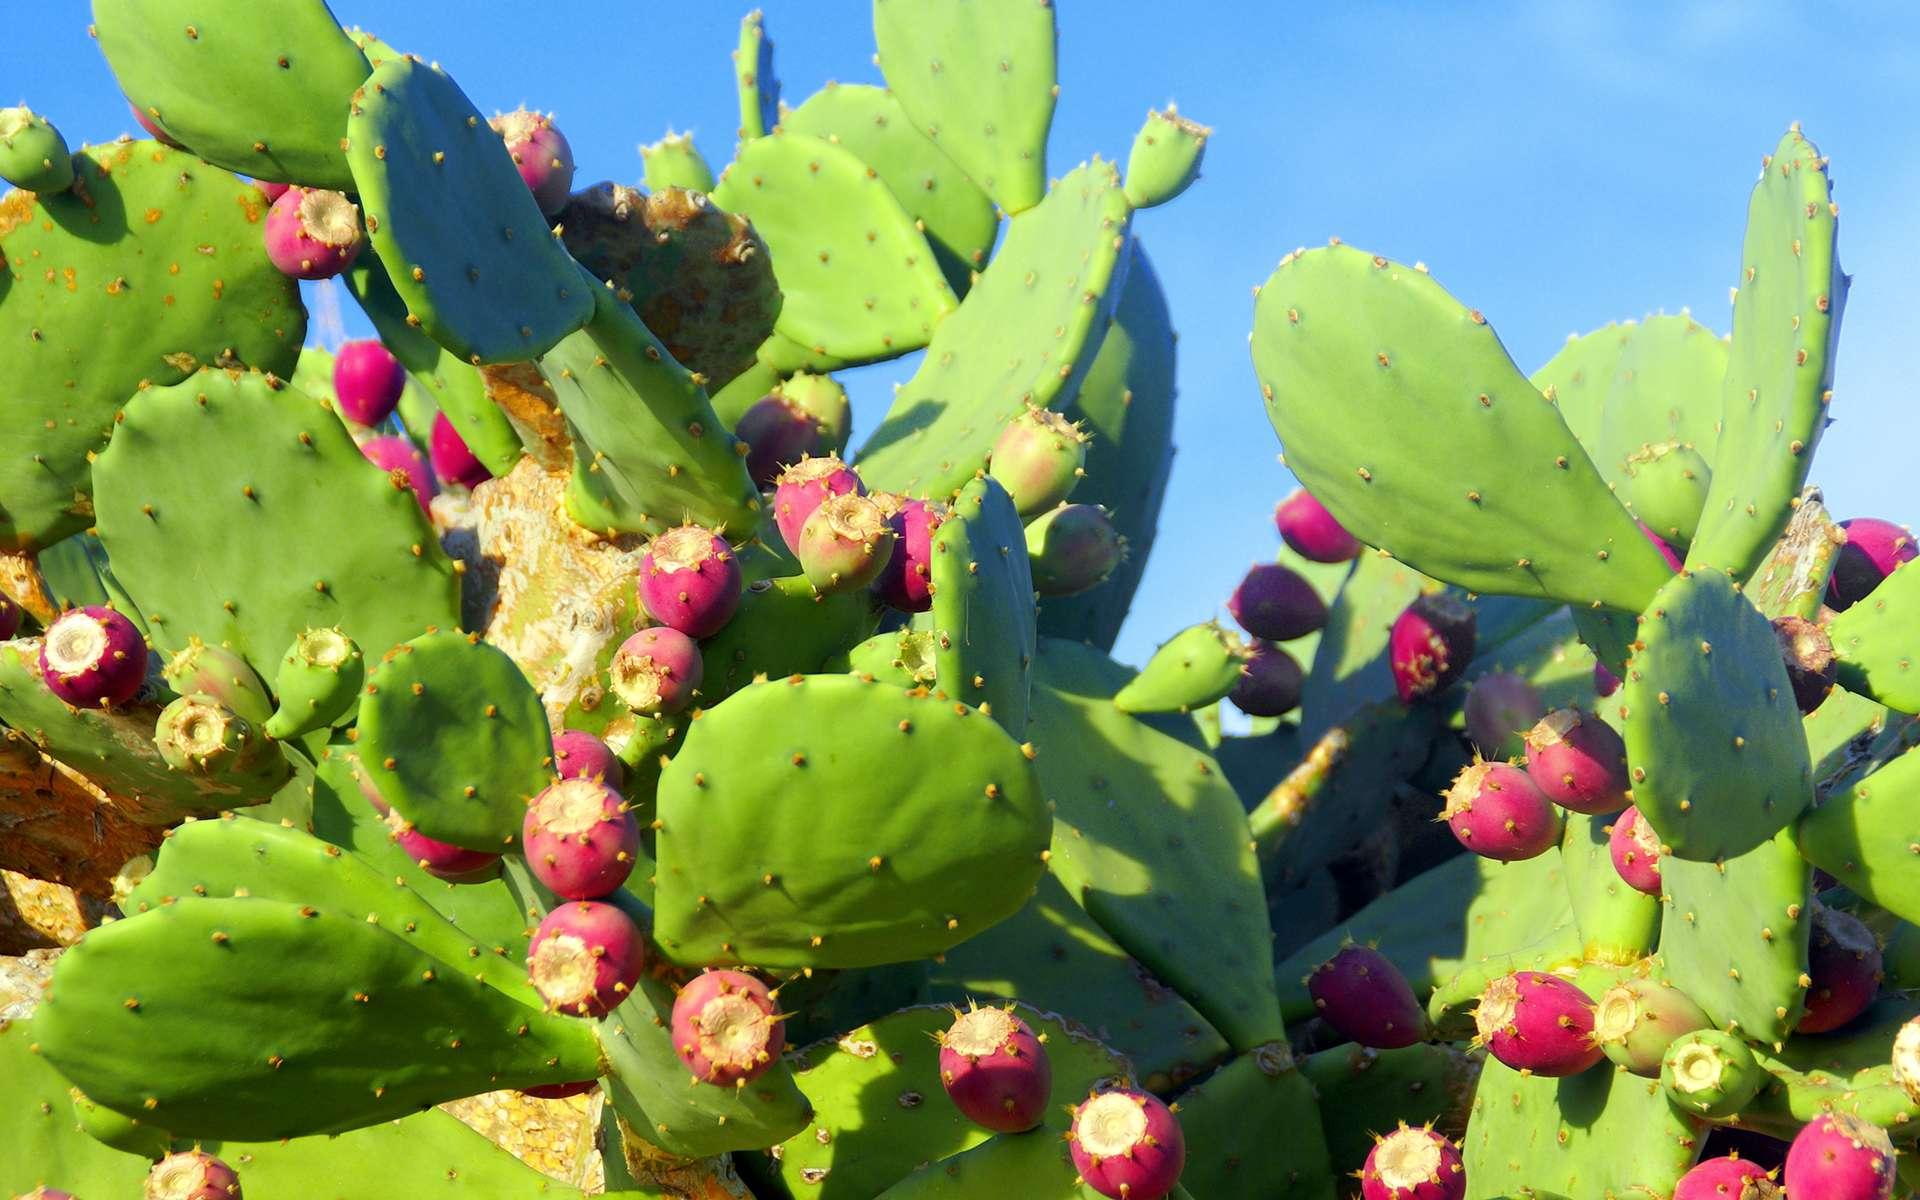 Le goût de la tige de nopal rappelle celui du haricot vert et de l'asperge © Iamax, Fotolia